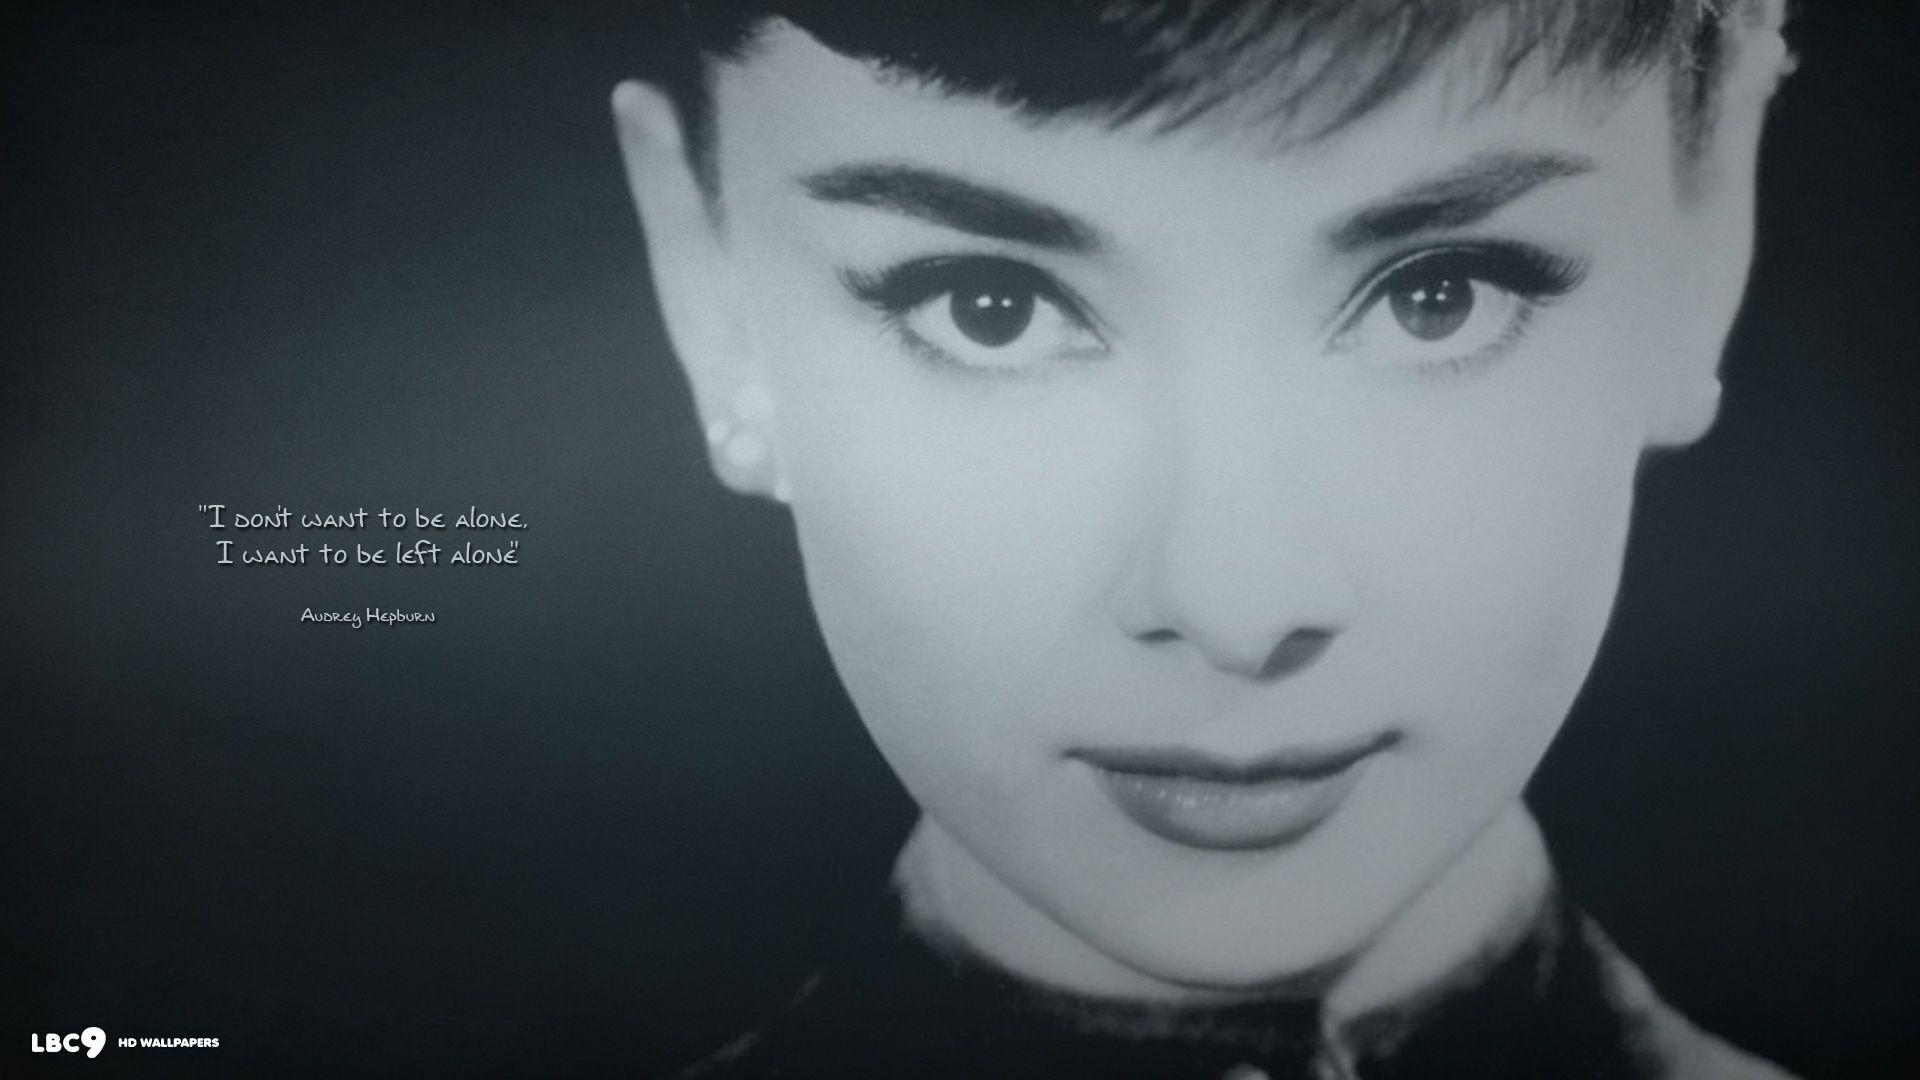 Audrey Hepburn Free Download Wallpaper